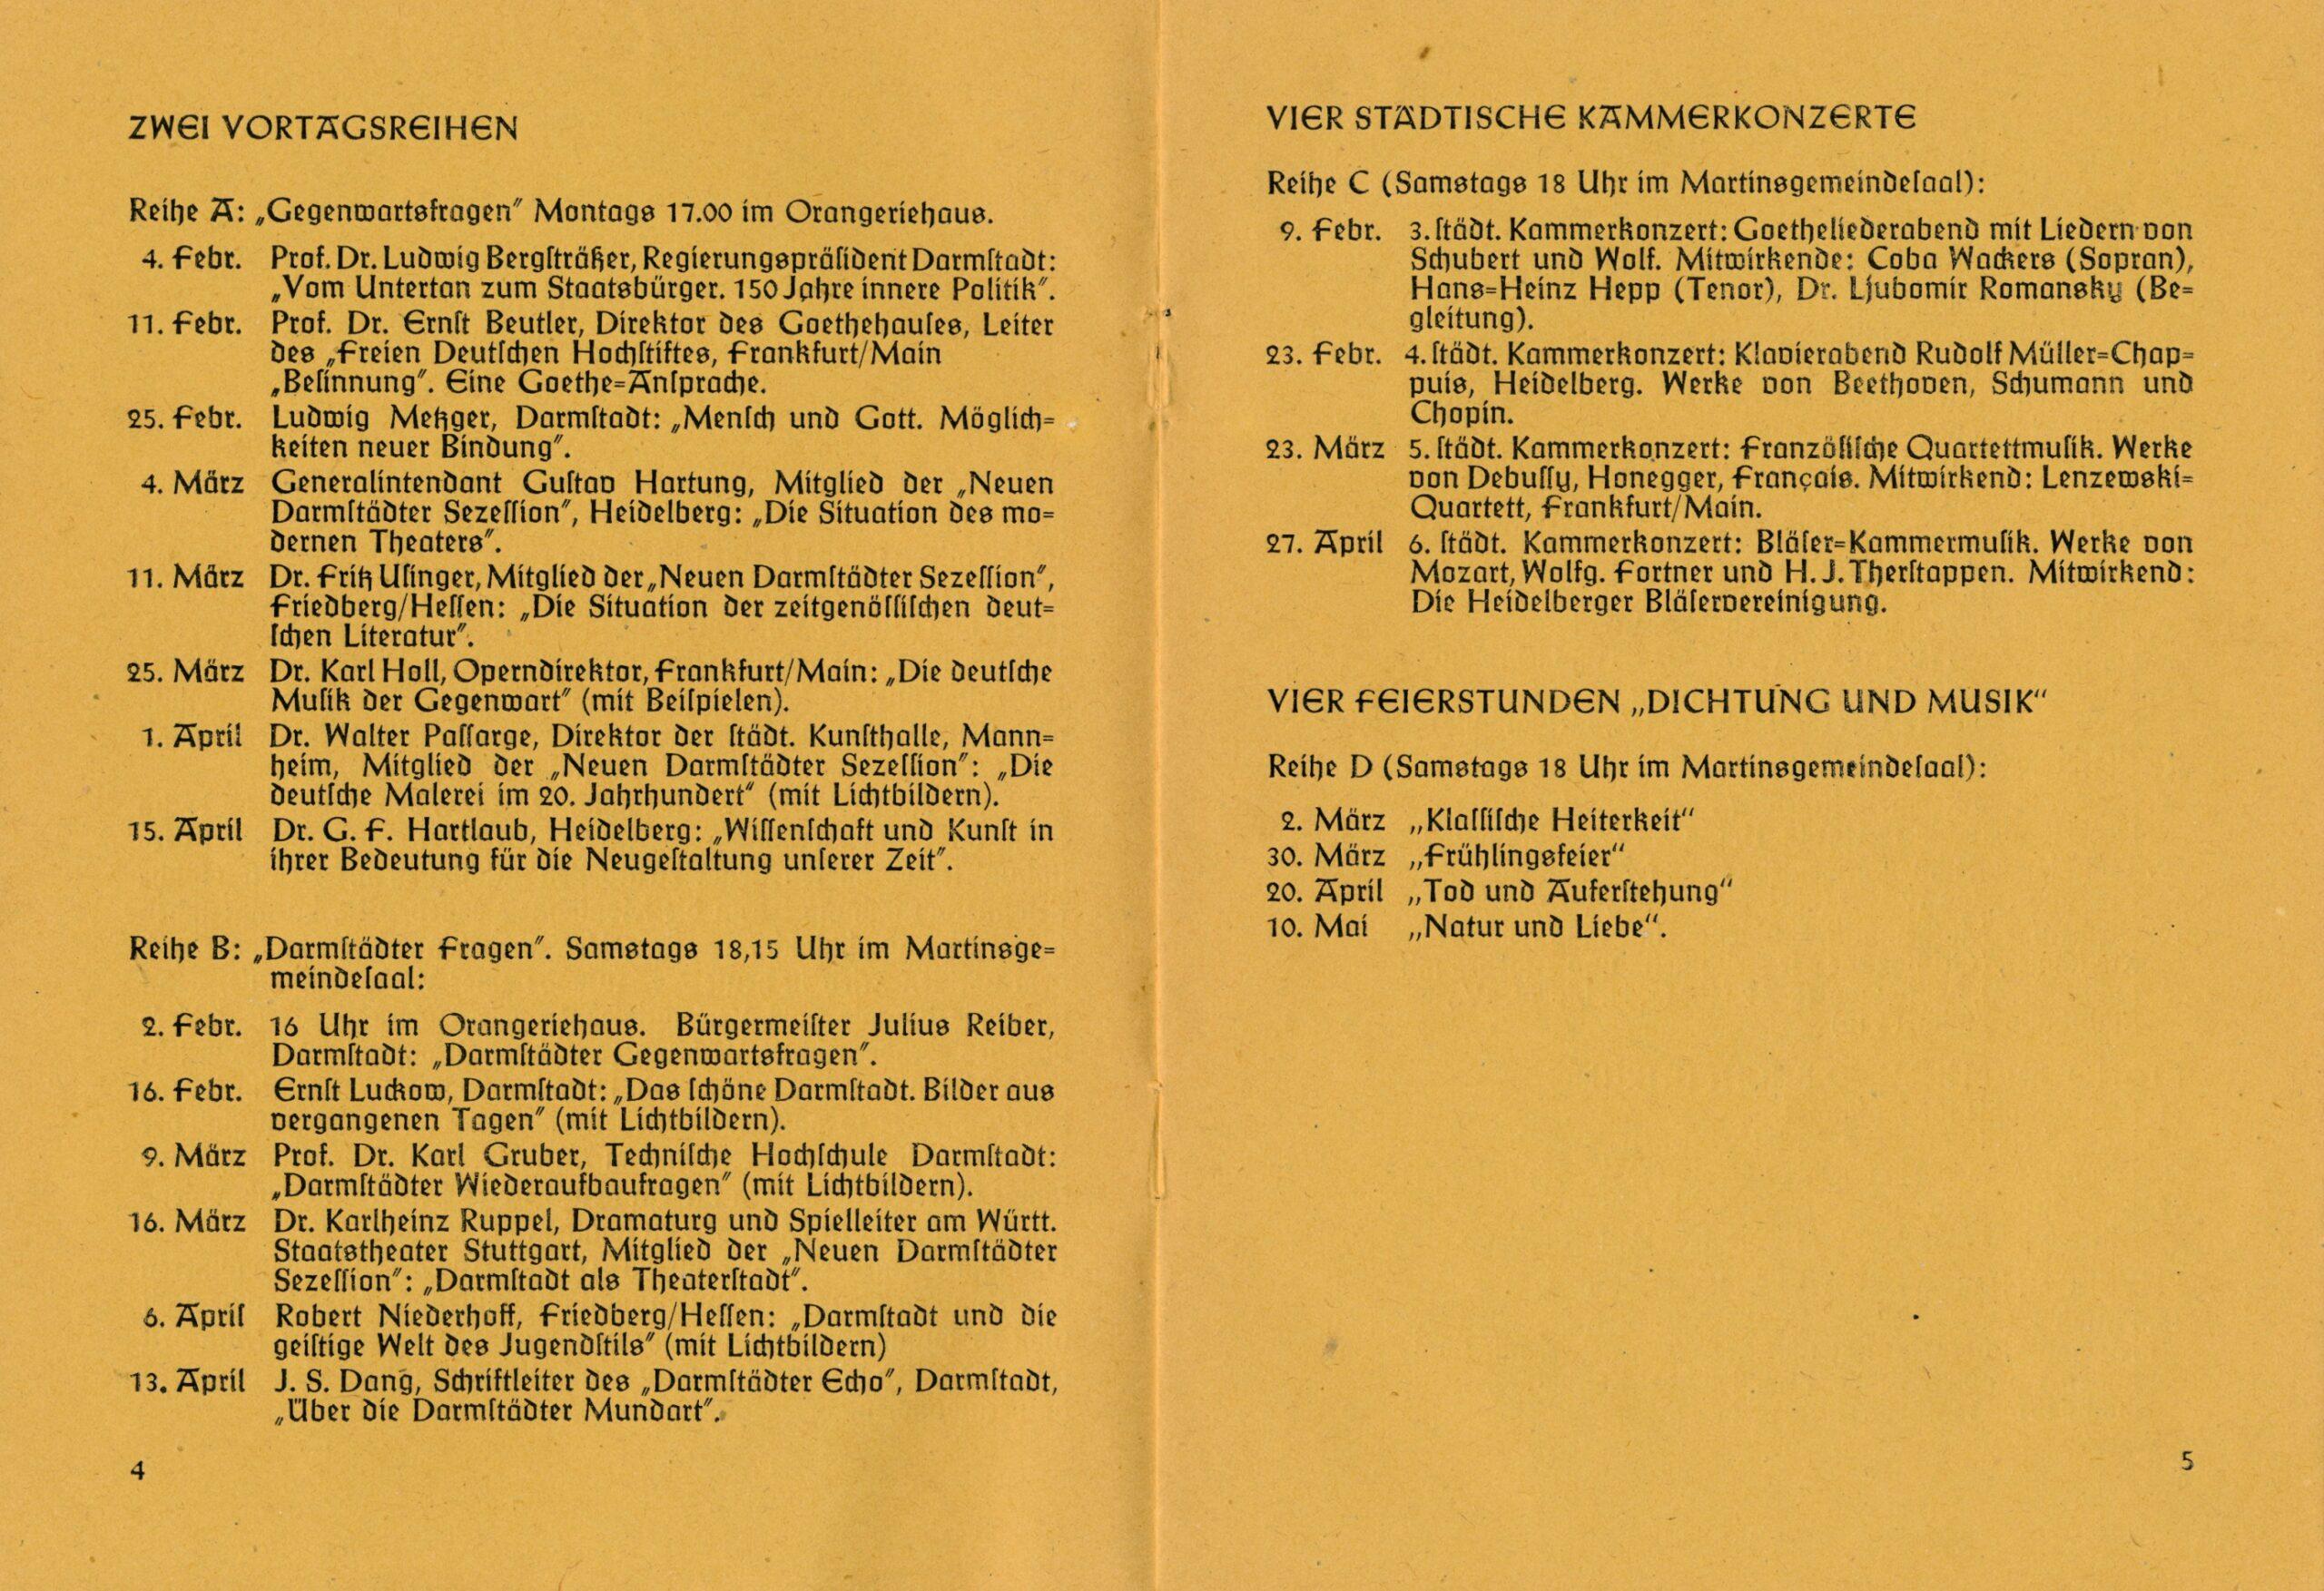 """Liste mit Datumsangaben zu Veranstaltungen der Vortragsreihen zu den Themen """"Gegenwartsfragen"""" und """"Darmstädter Fragen"""", sowie vier Kammerkonzerte und vier Feierstunden """"Dichtung Musik"""""""